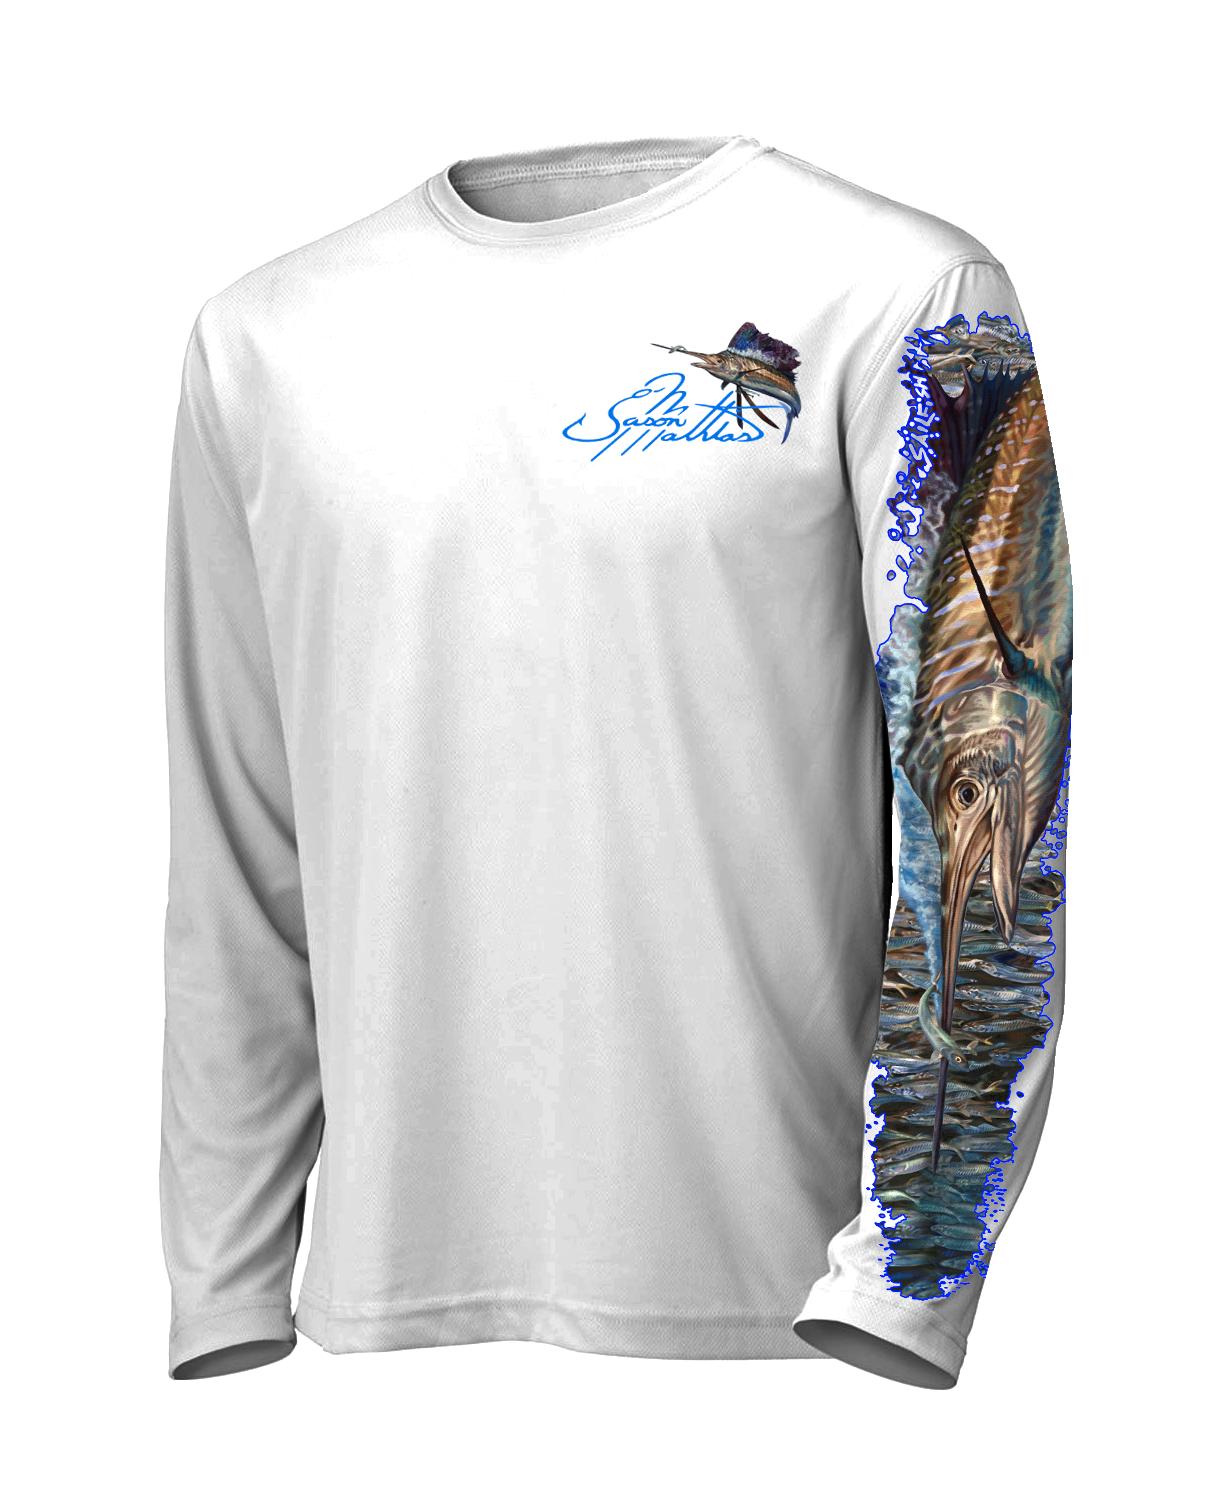 jason-mathias-sailfish-shirt-front-white.png